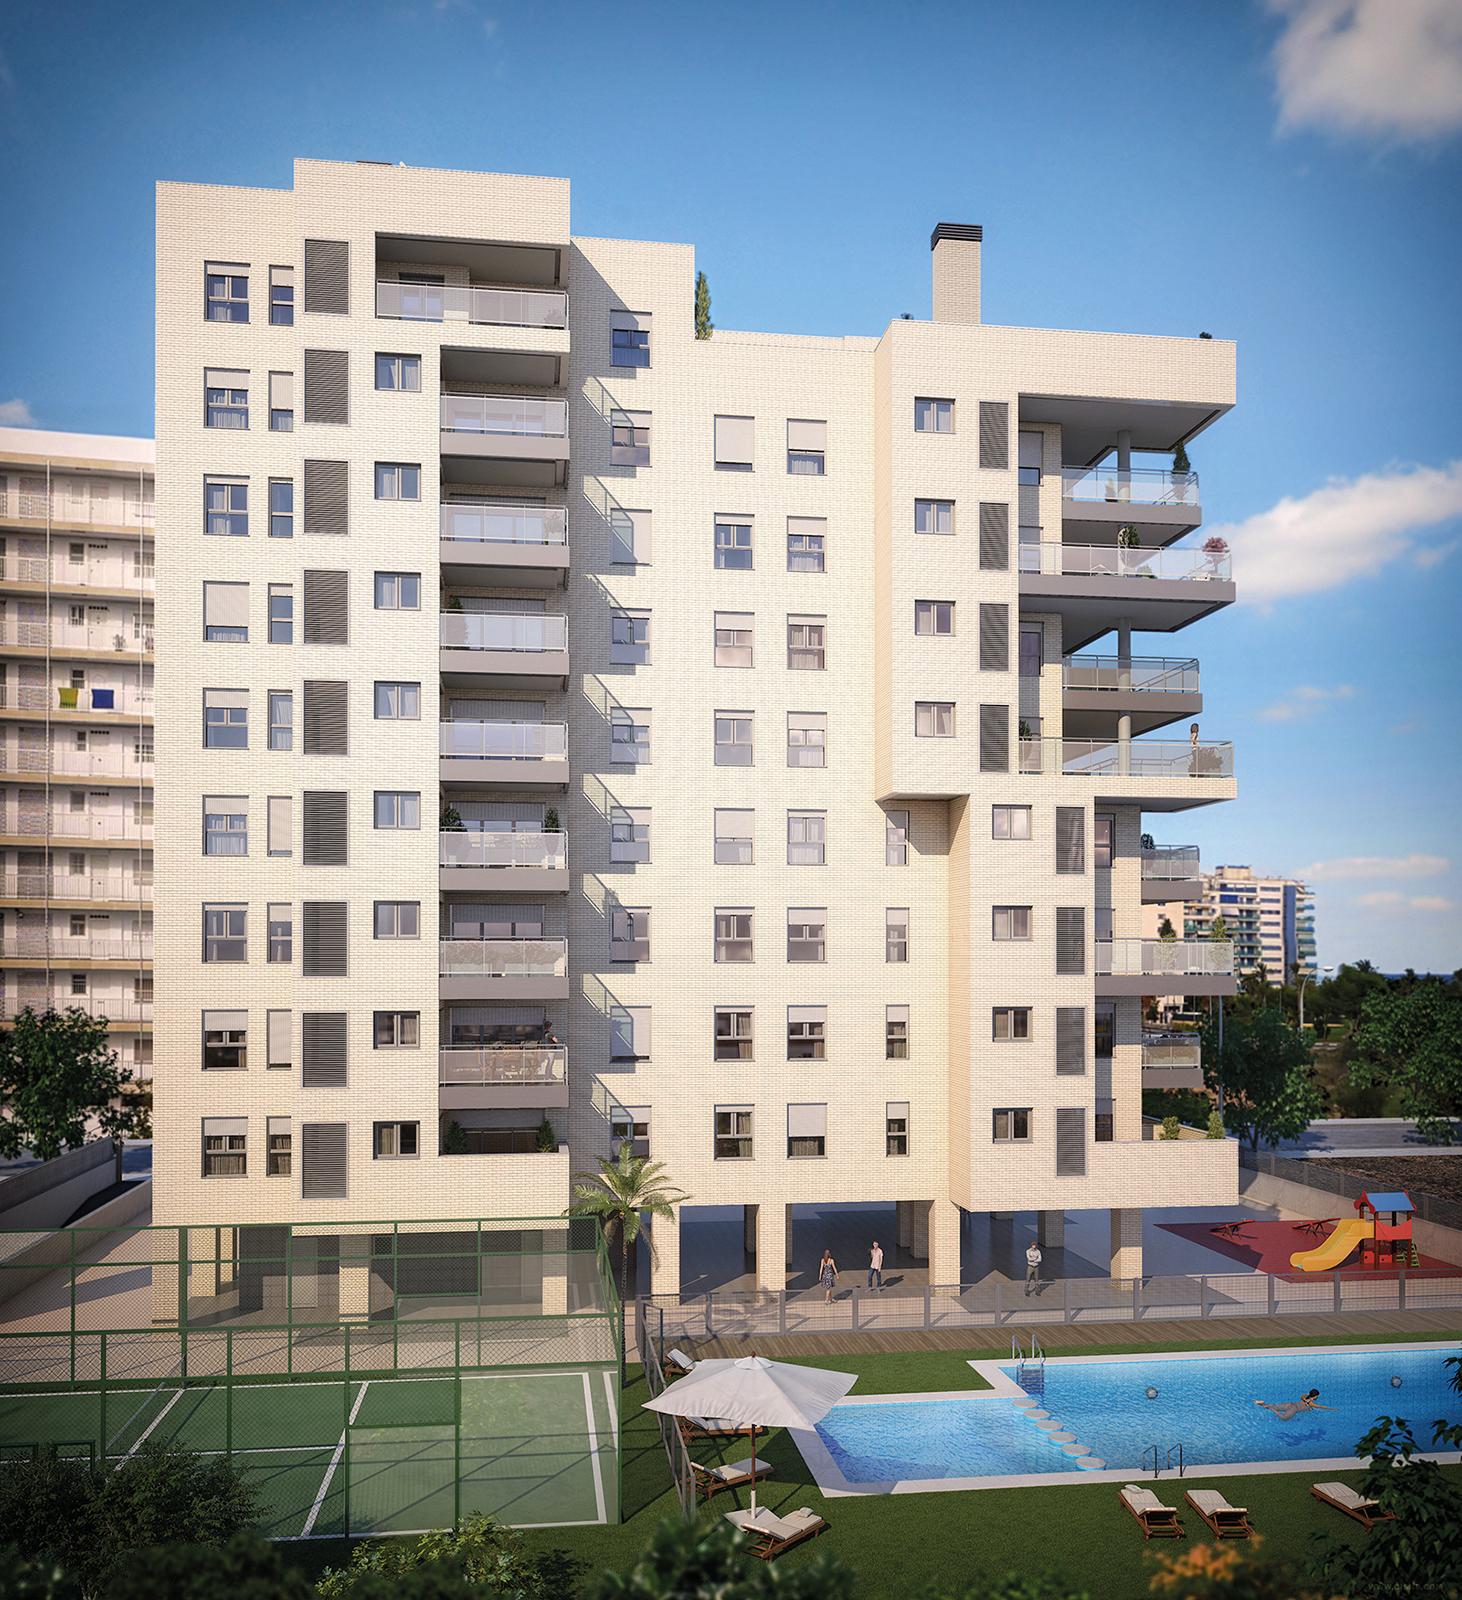 Sareb se convierte en promotor de vivienda. Suelo en Torero Luis Francisco Espla. San Juan (Alicante)